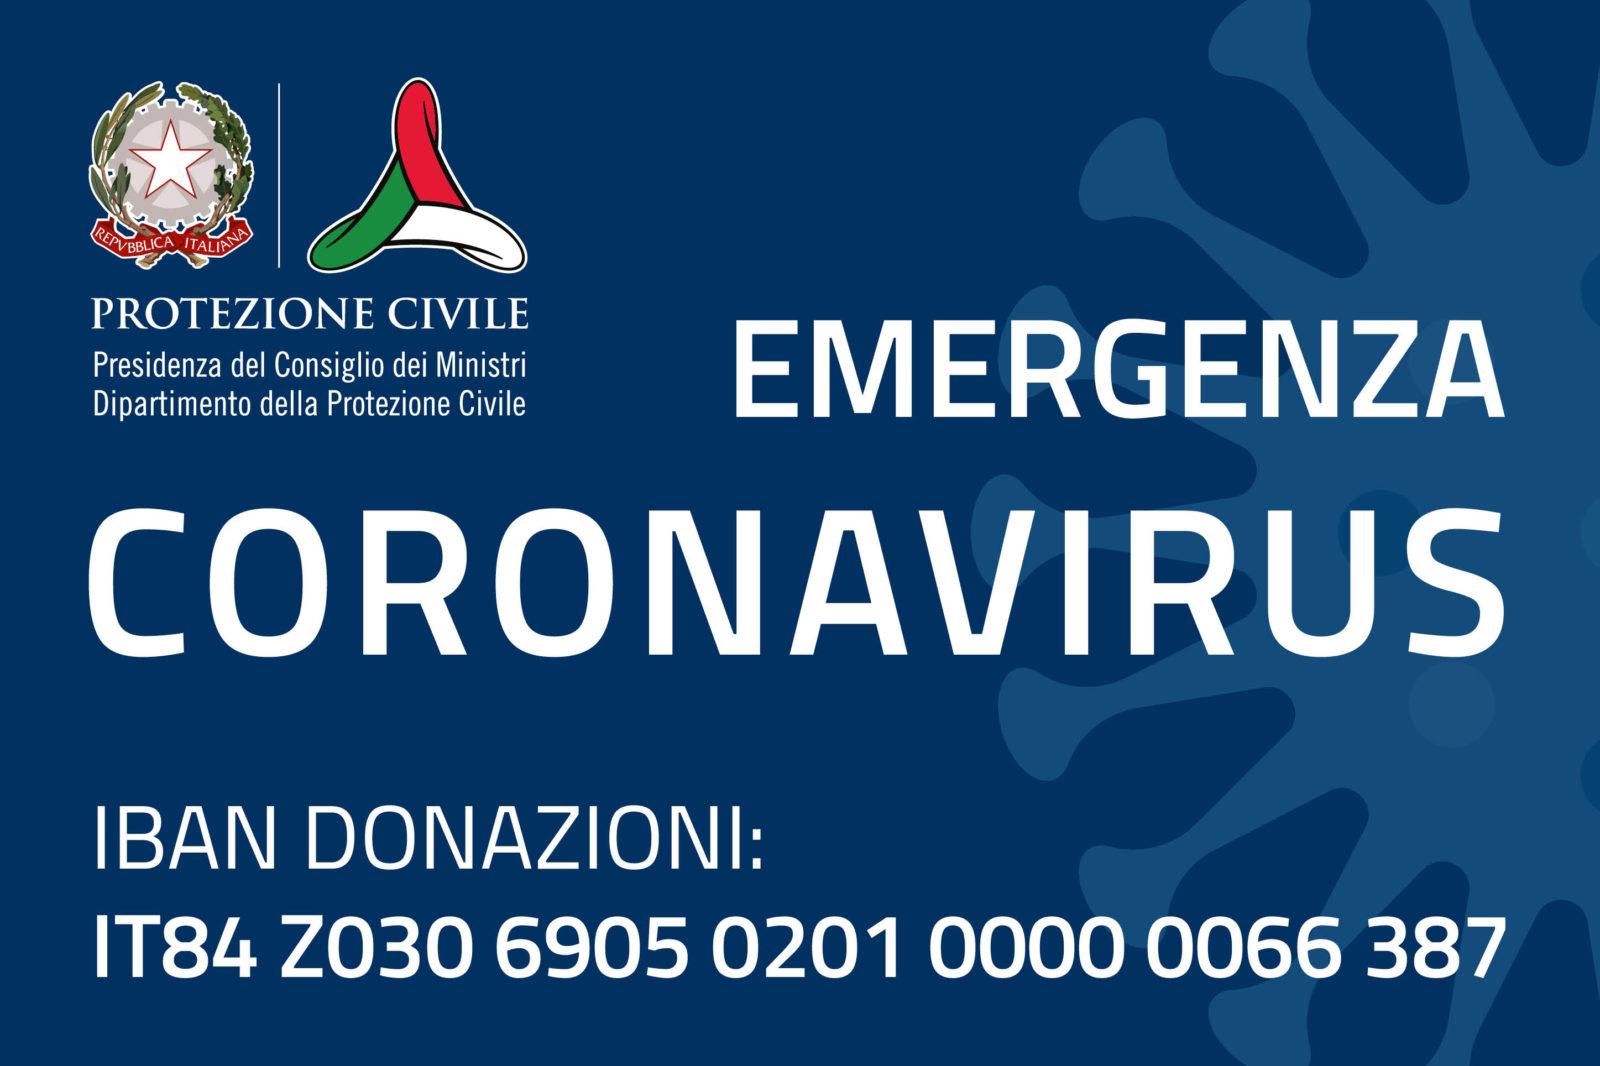 protezione civile emergenza coronavirus